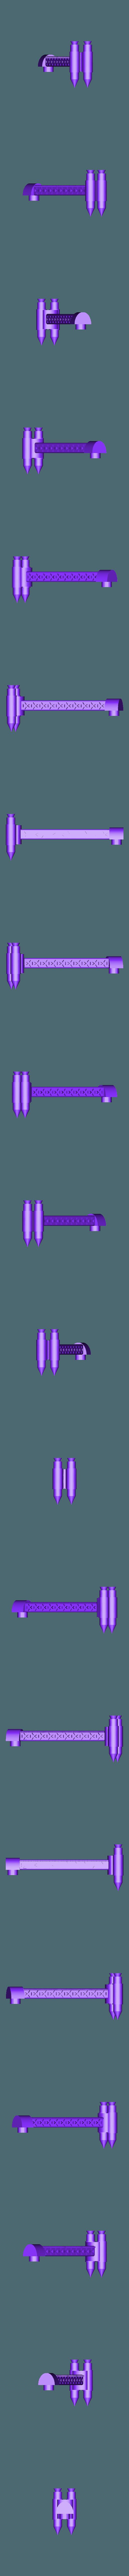 Kruuze_missiles.stl Télécharger fichier STL gratuit Ork Mega Gargant Epic 40k proxy model 6mm Titanicus • Modèle pour imprimante 3D, redstarkits